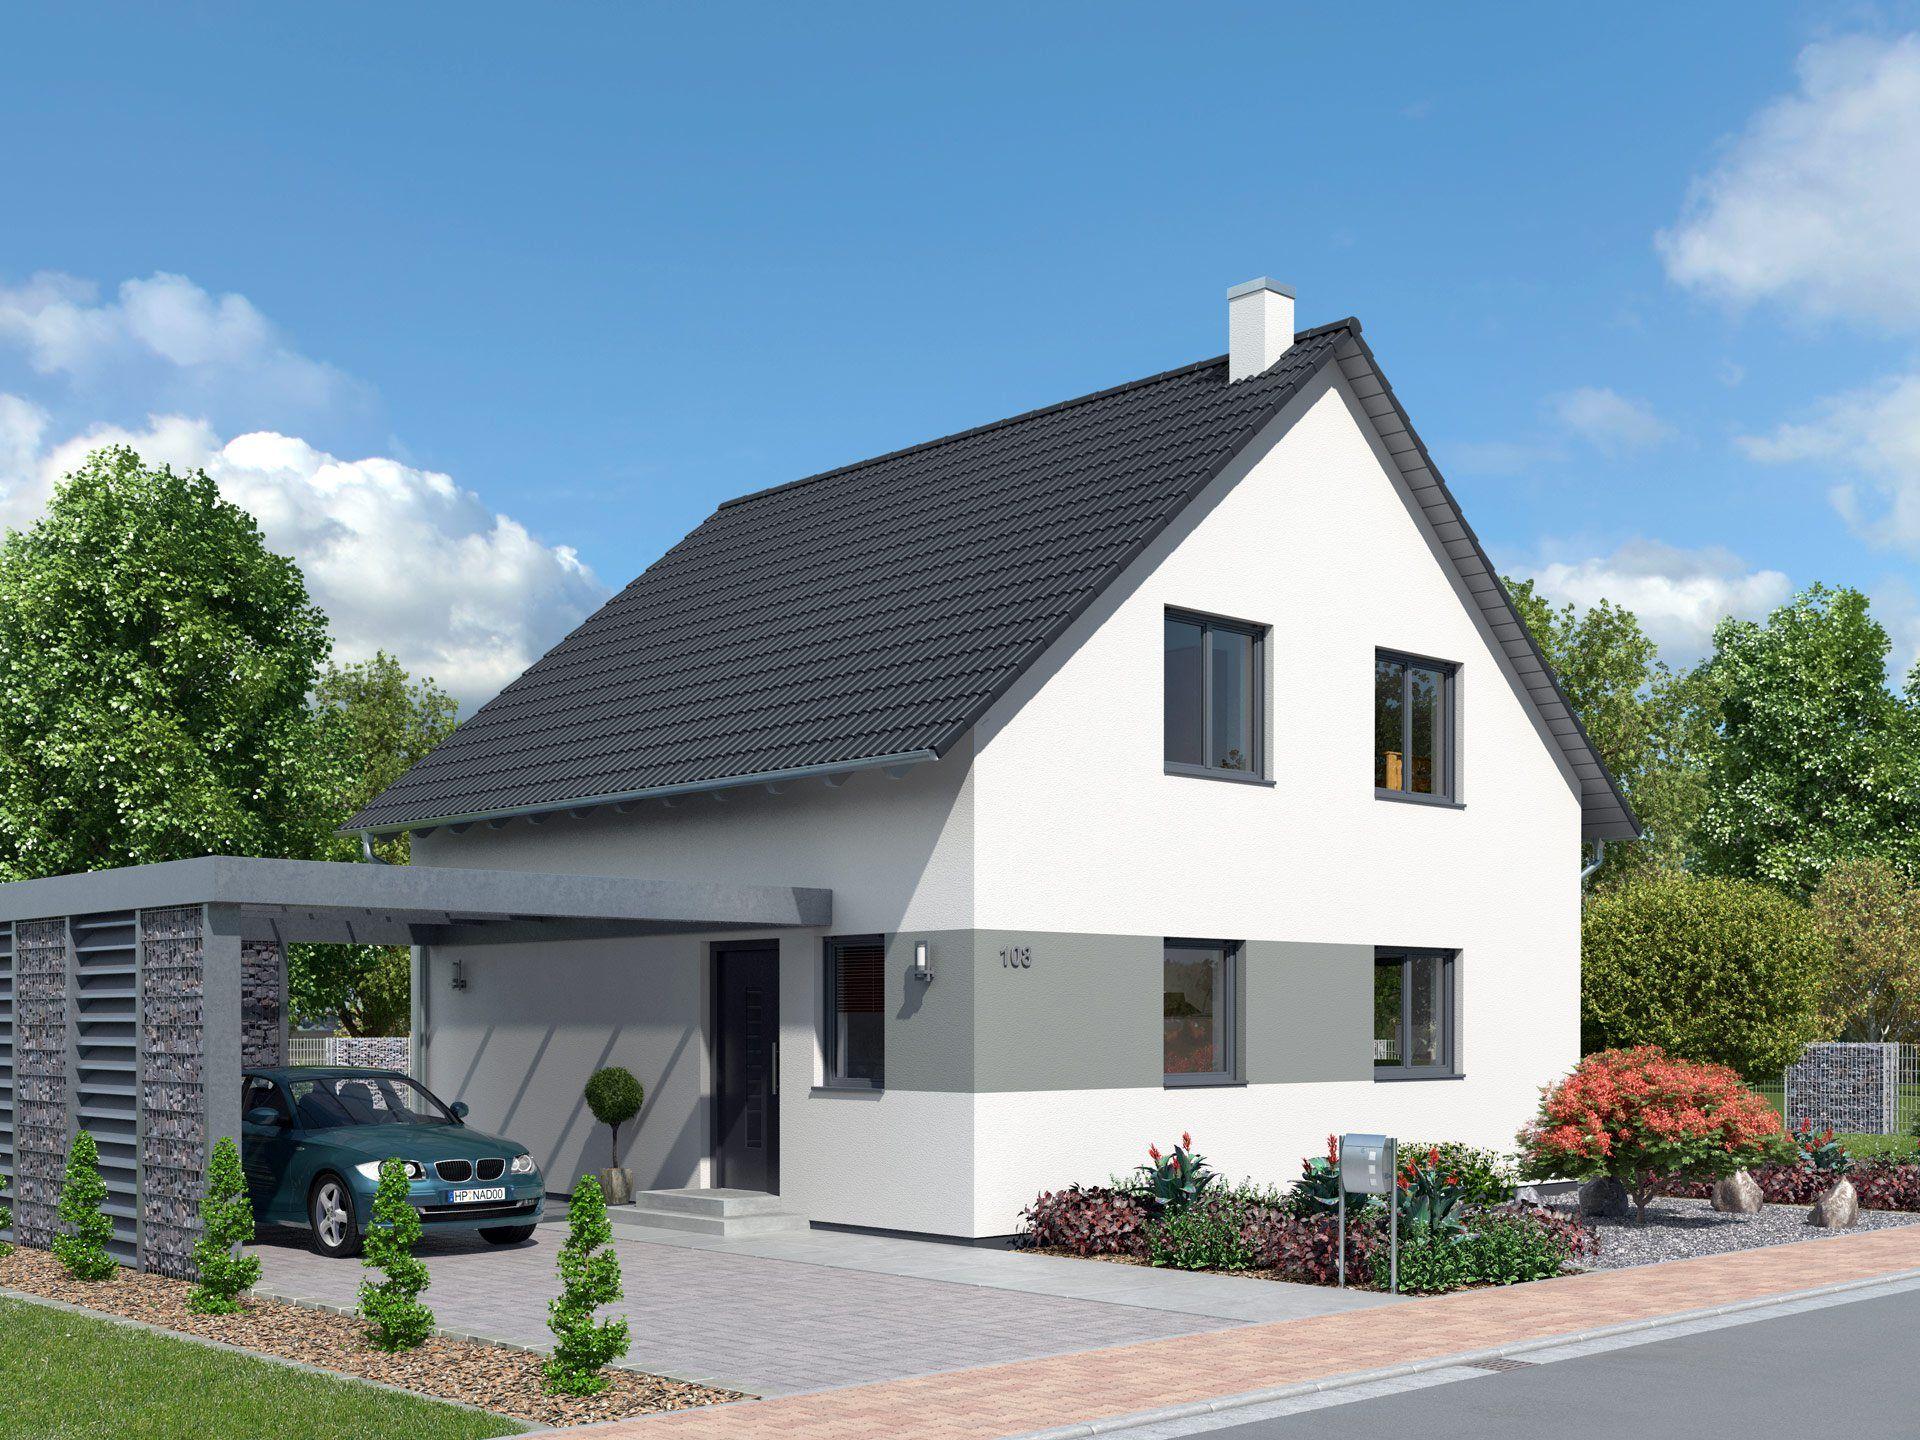 Kompakthaus 108 massivhaus von ytong bausatzhaus for Energiesparendes bauen